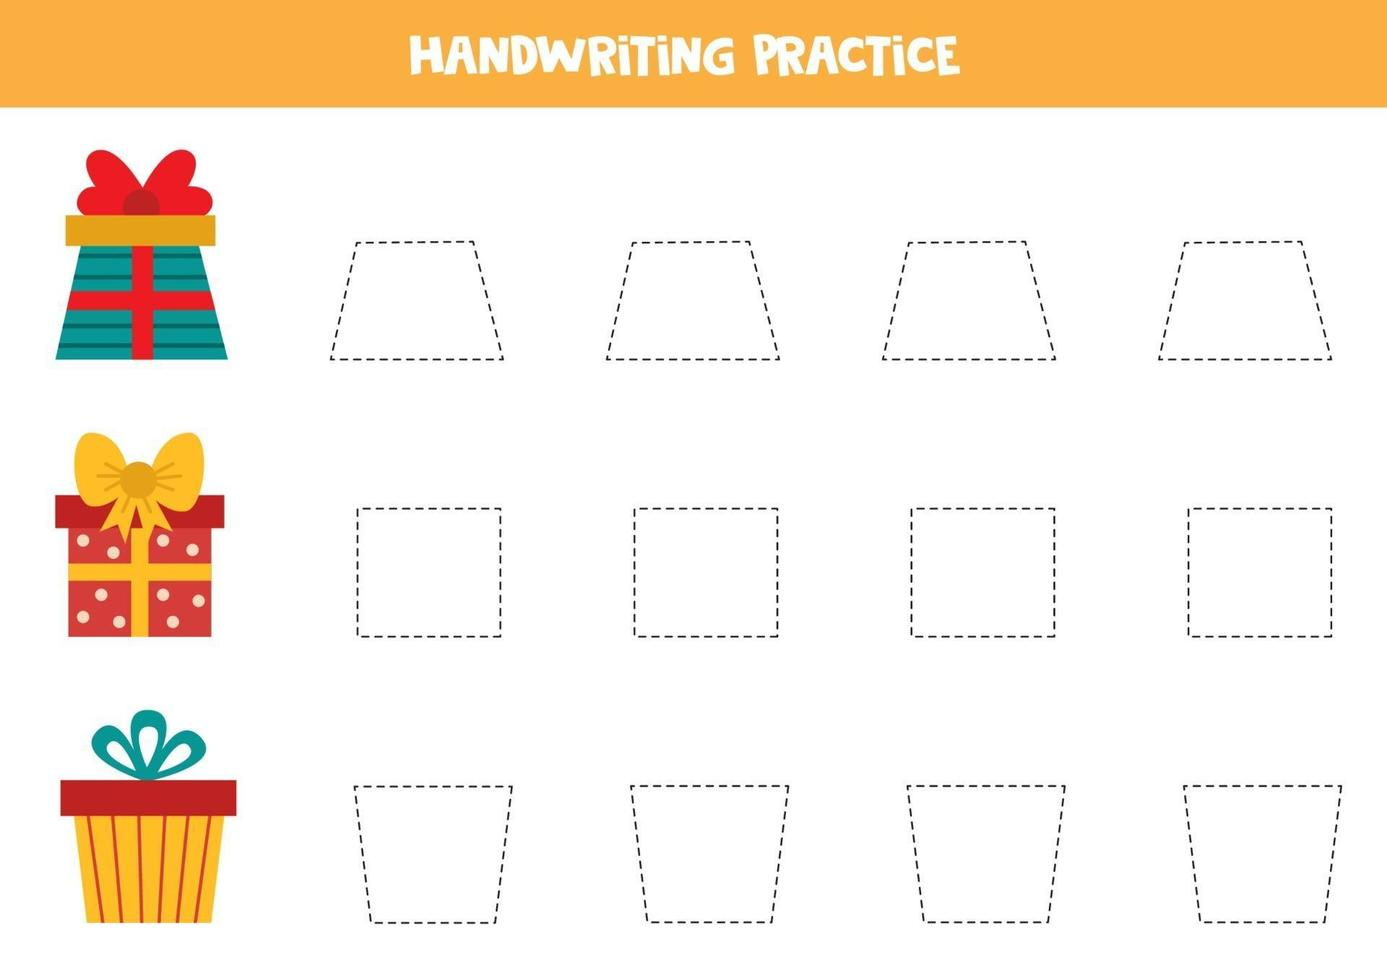 tracciare linee con scatole regalo dei cartoni animati. pratica della scrittura a mano. vettore